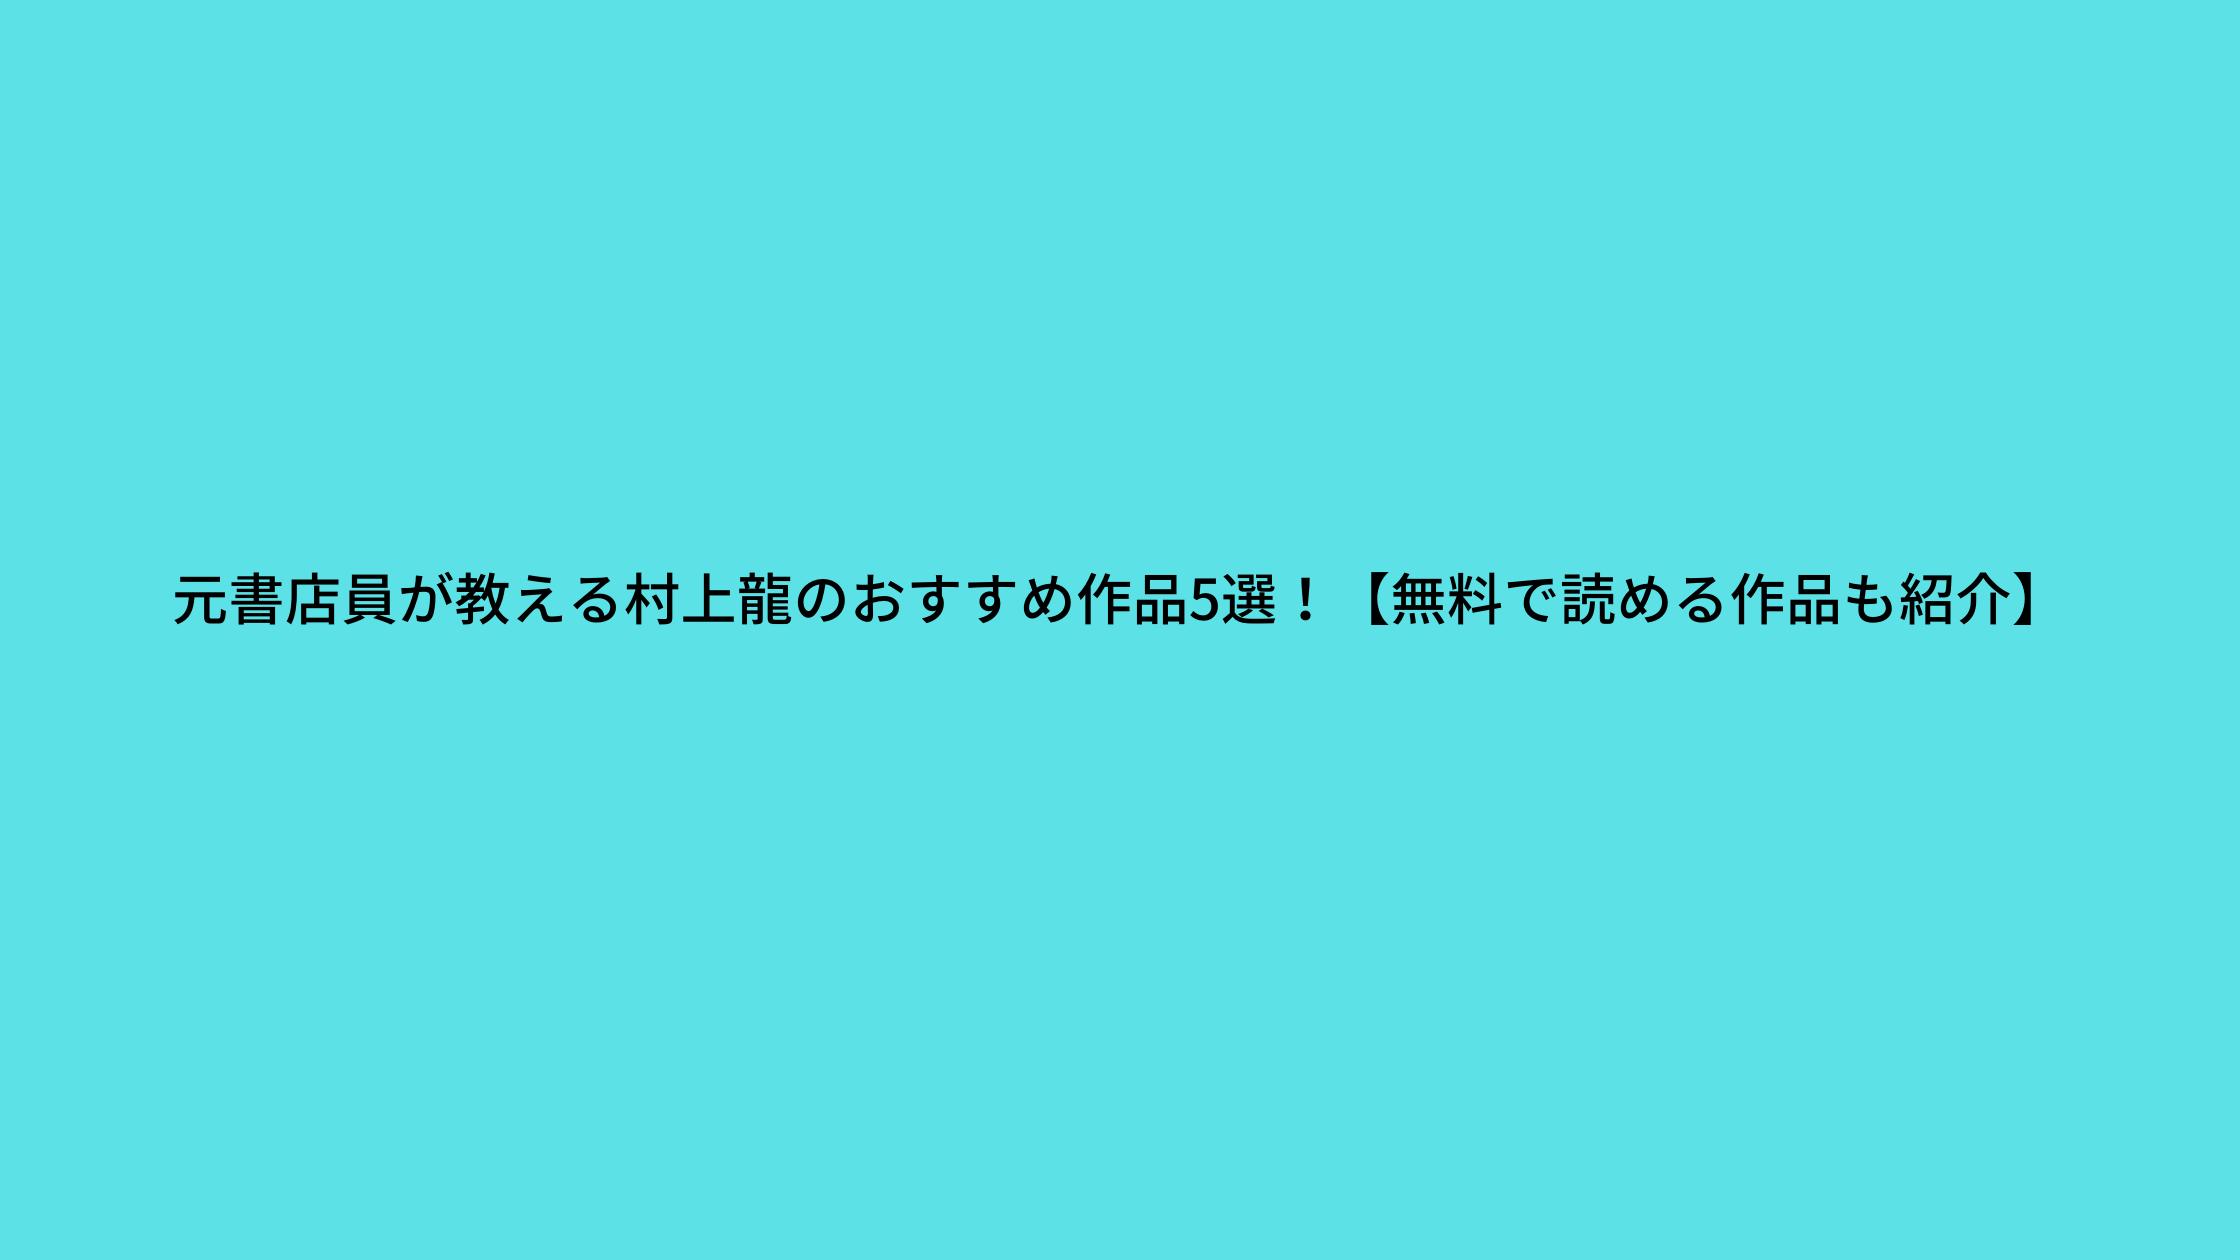 元書店員が教える村上龍のおすすめ作品5選!【無料で読める作品も紹介】